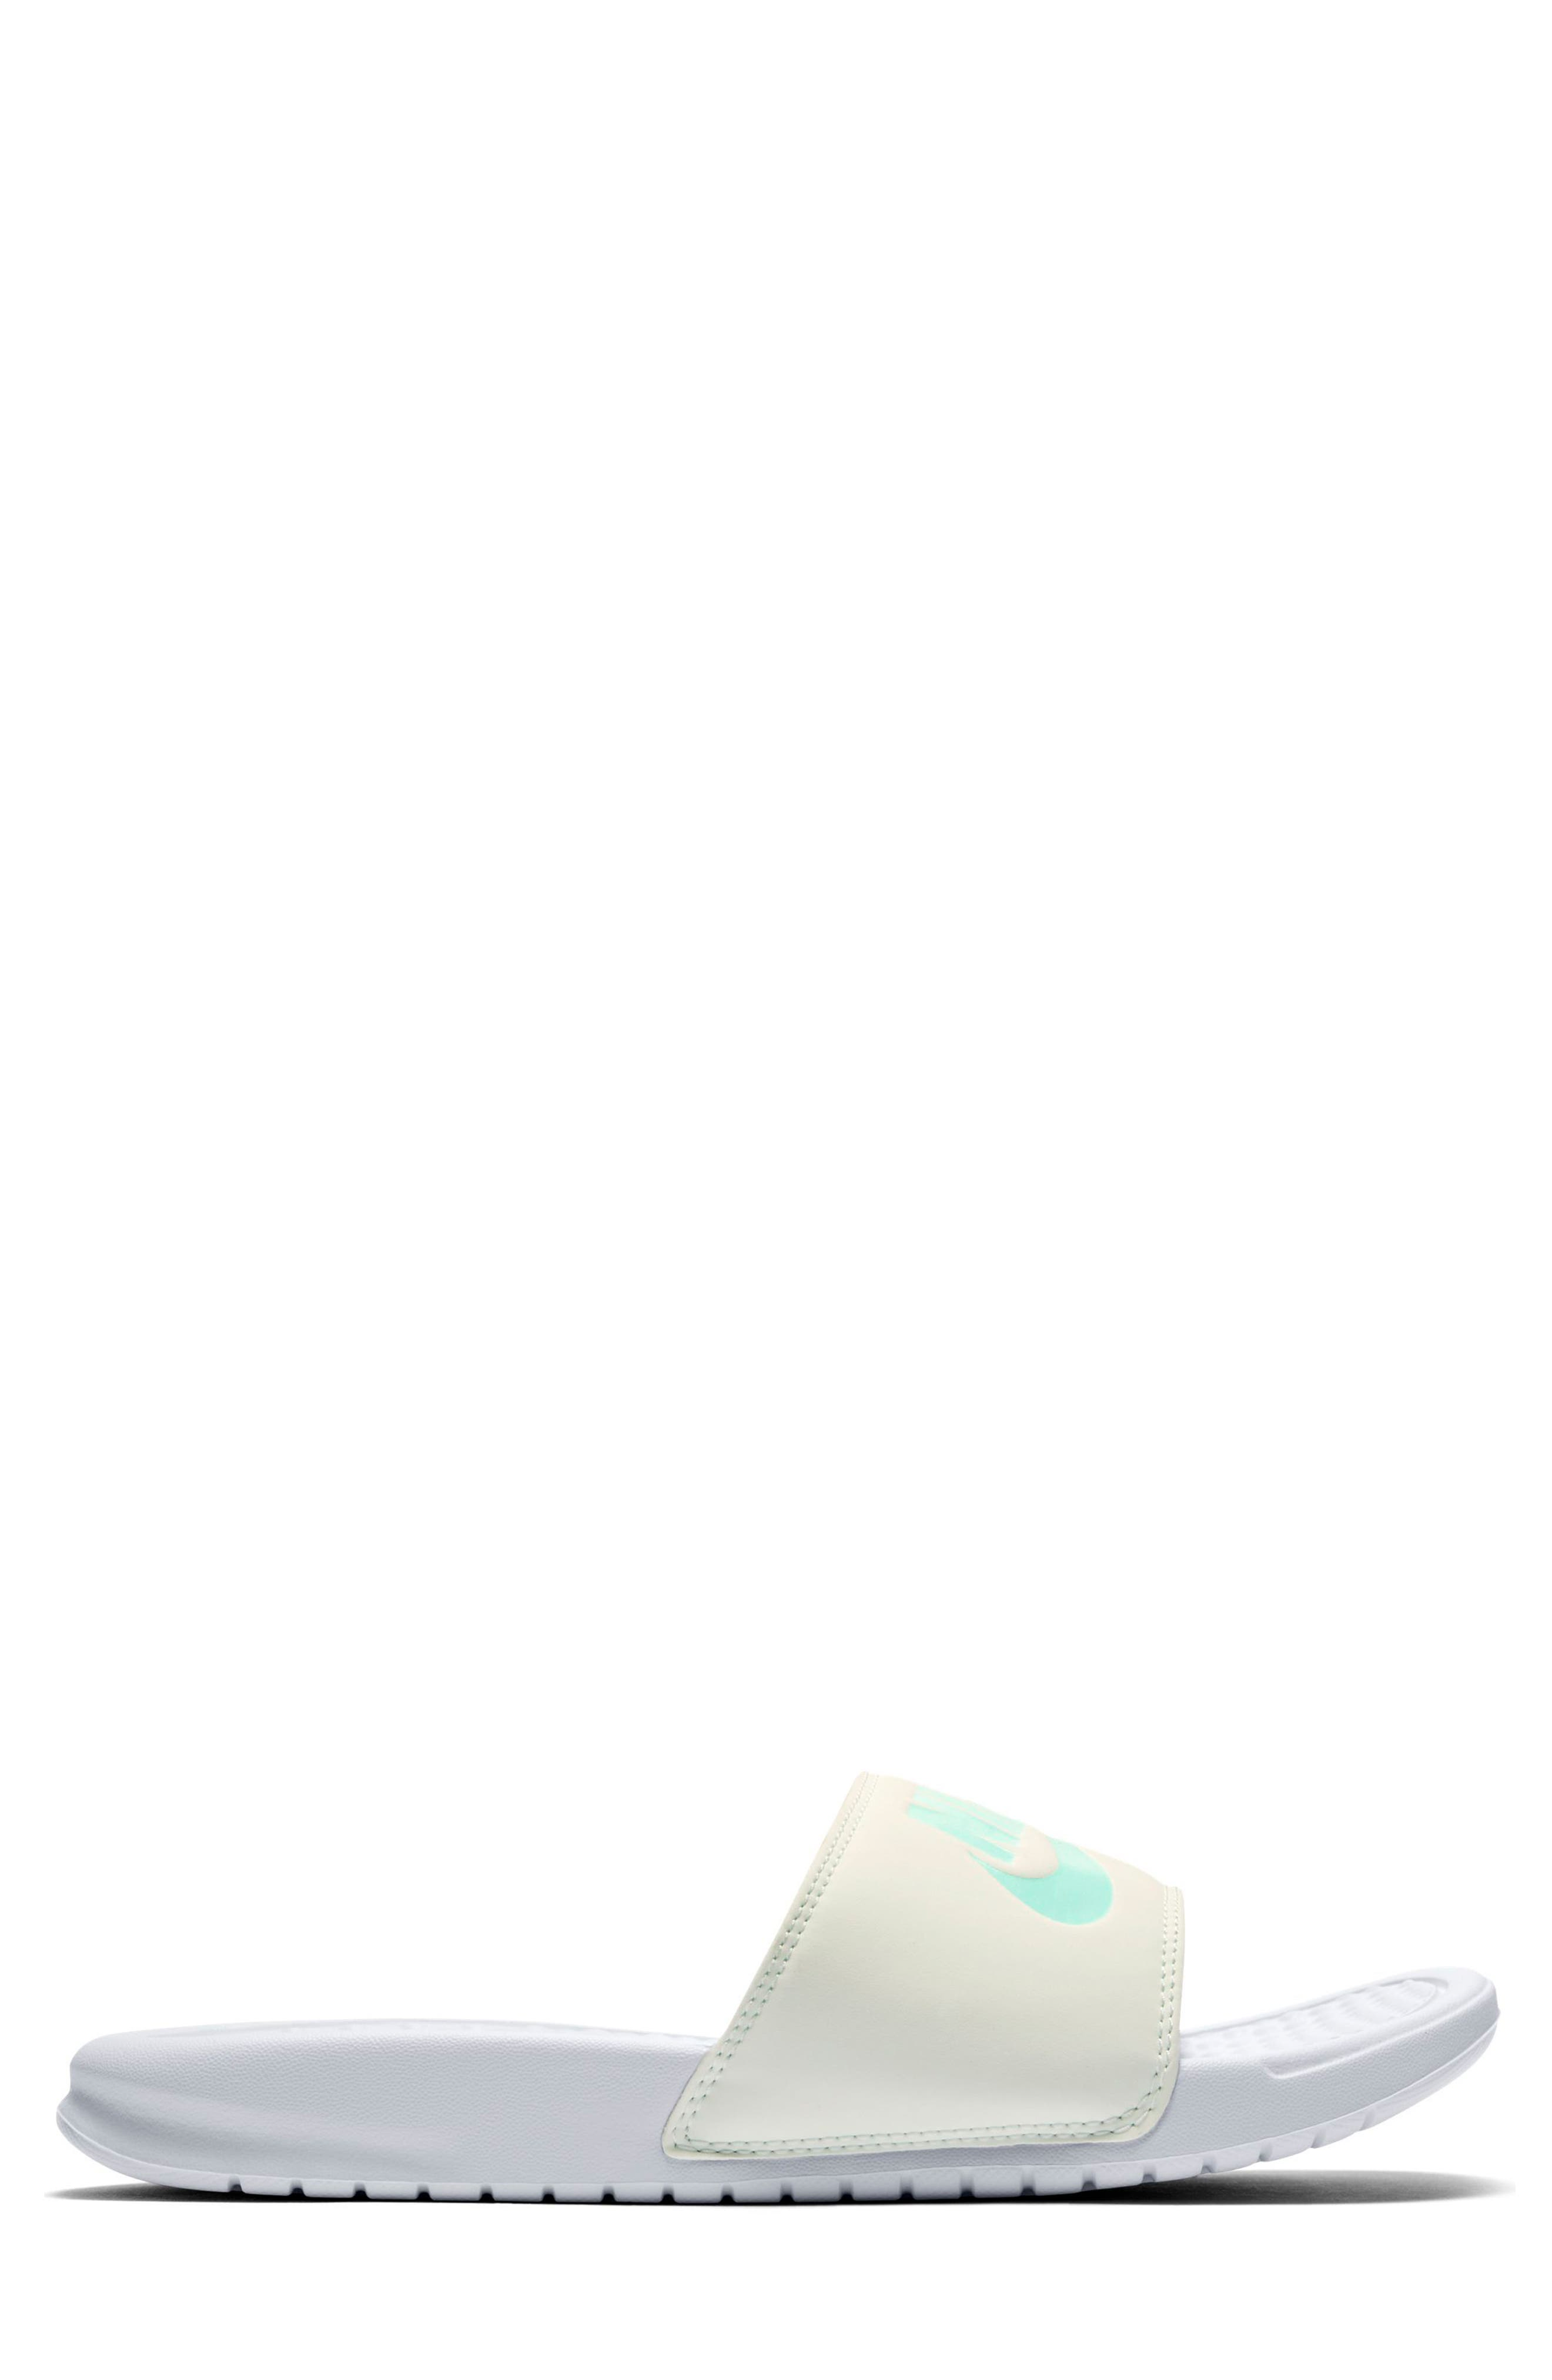 Benassi Slide Sandal,                             Alternate thumbnail 11, color,